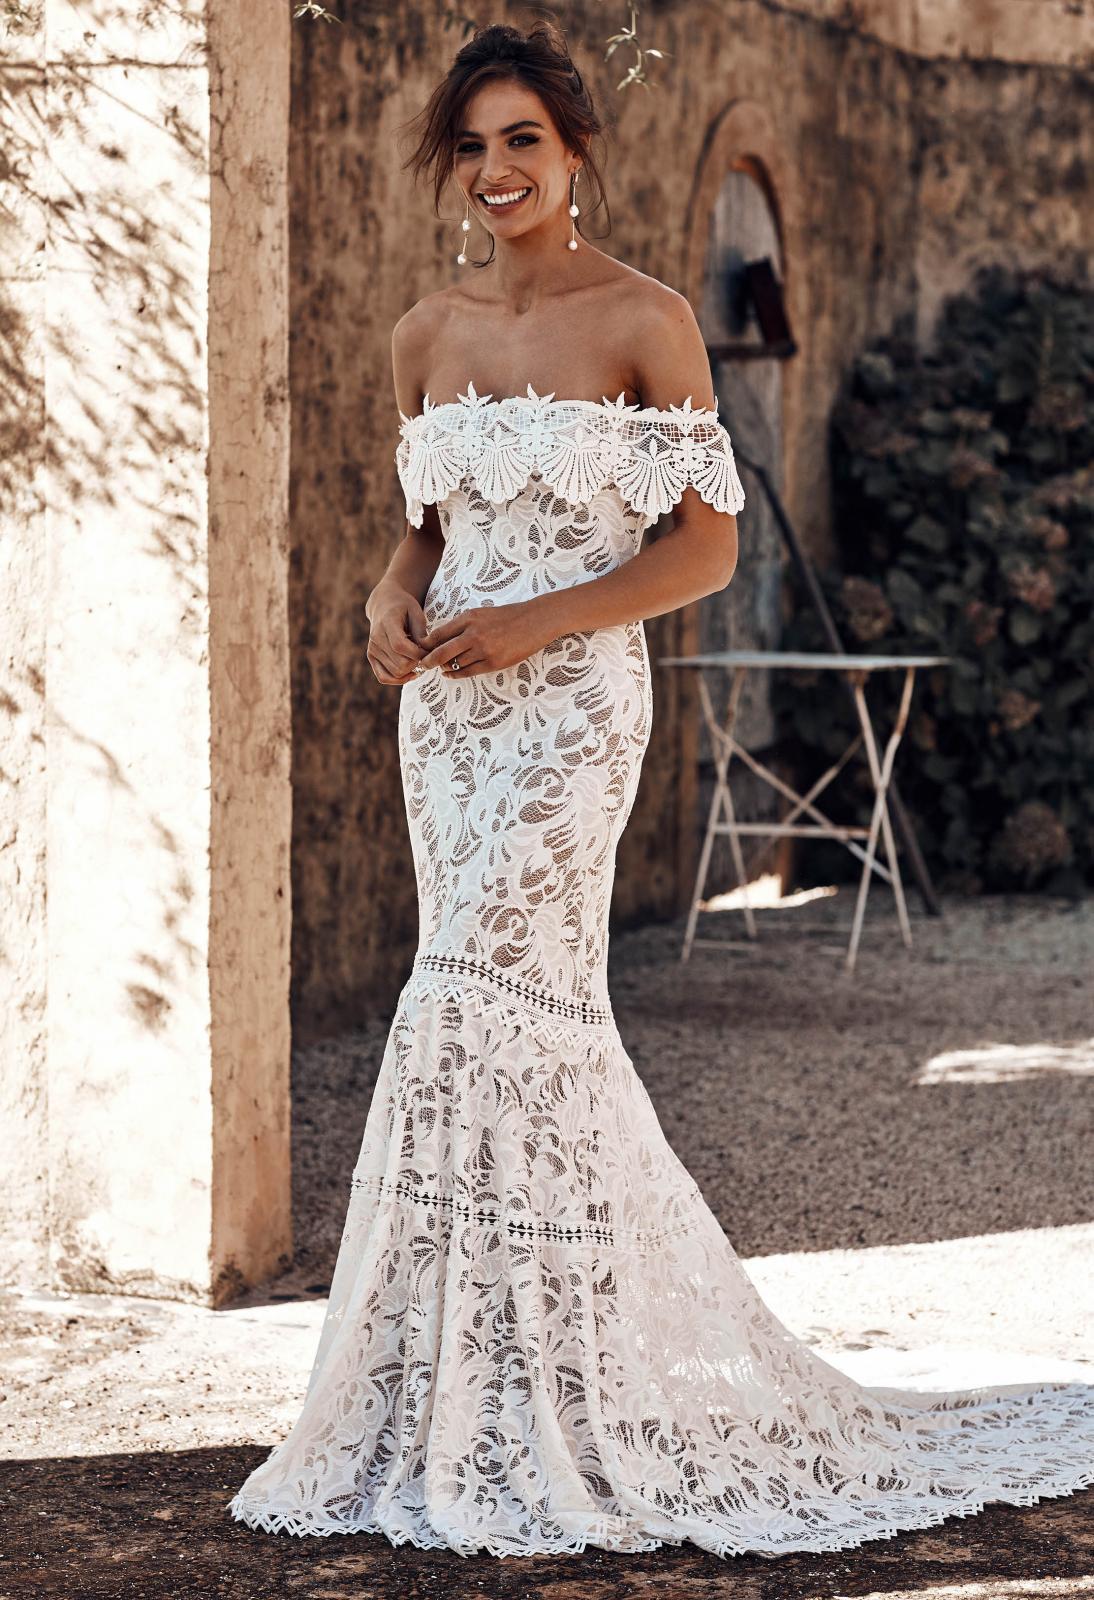 Cien-Wedding-Dress-by-Grace-Loves-Lace-1600-x-1067--1094x1600.jpg